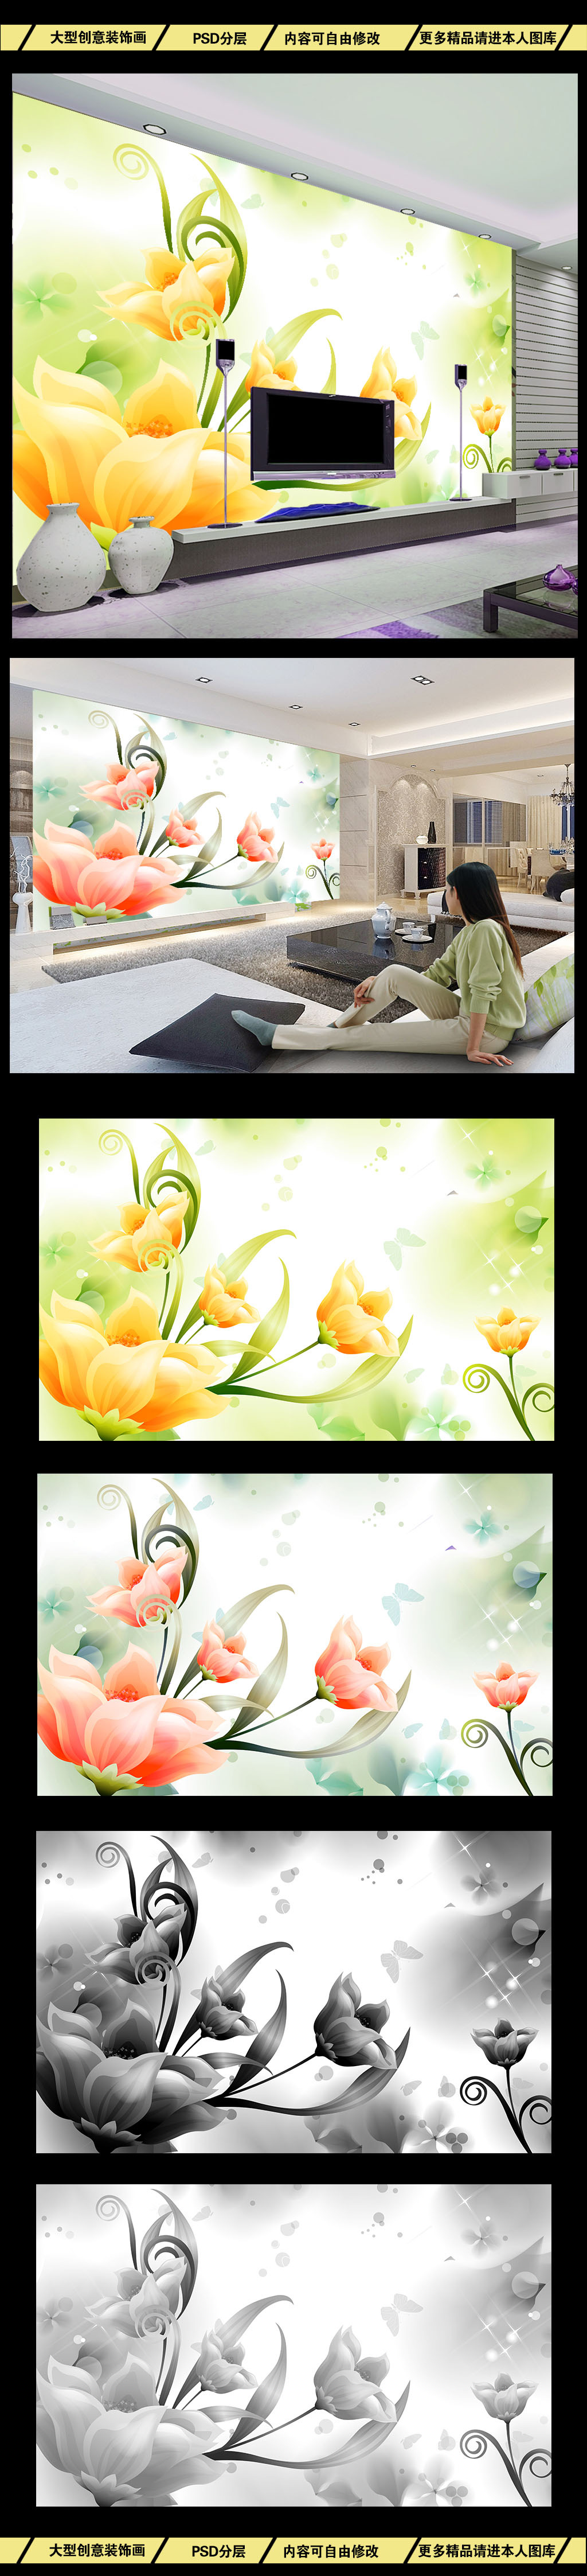 背景墙 电视 装饰画/[版权图片]时尚现代梦幻花卉电视背景墙装饰画